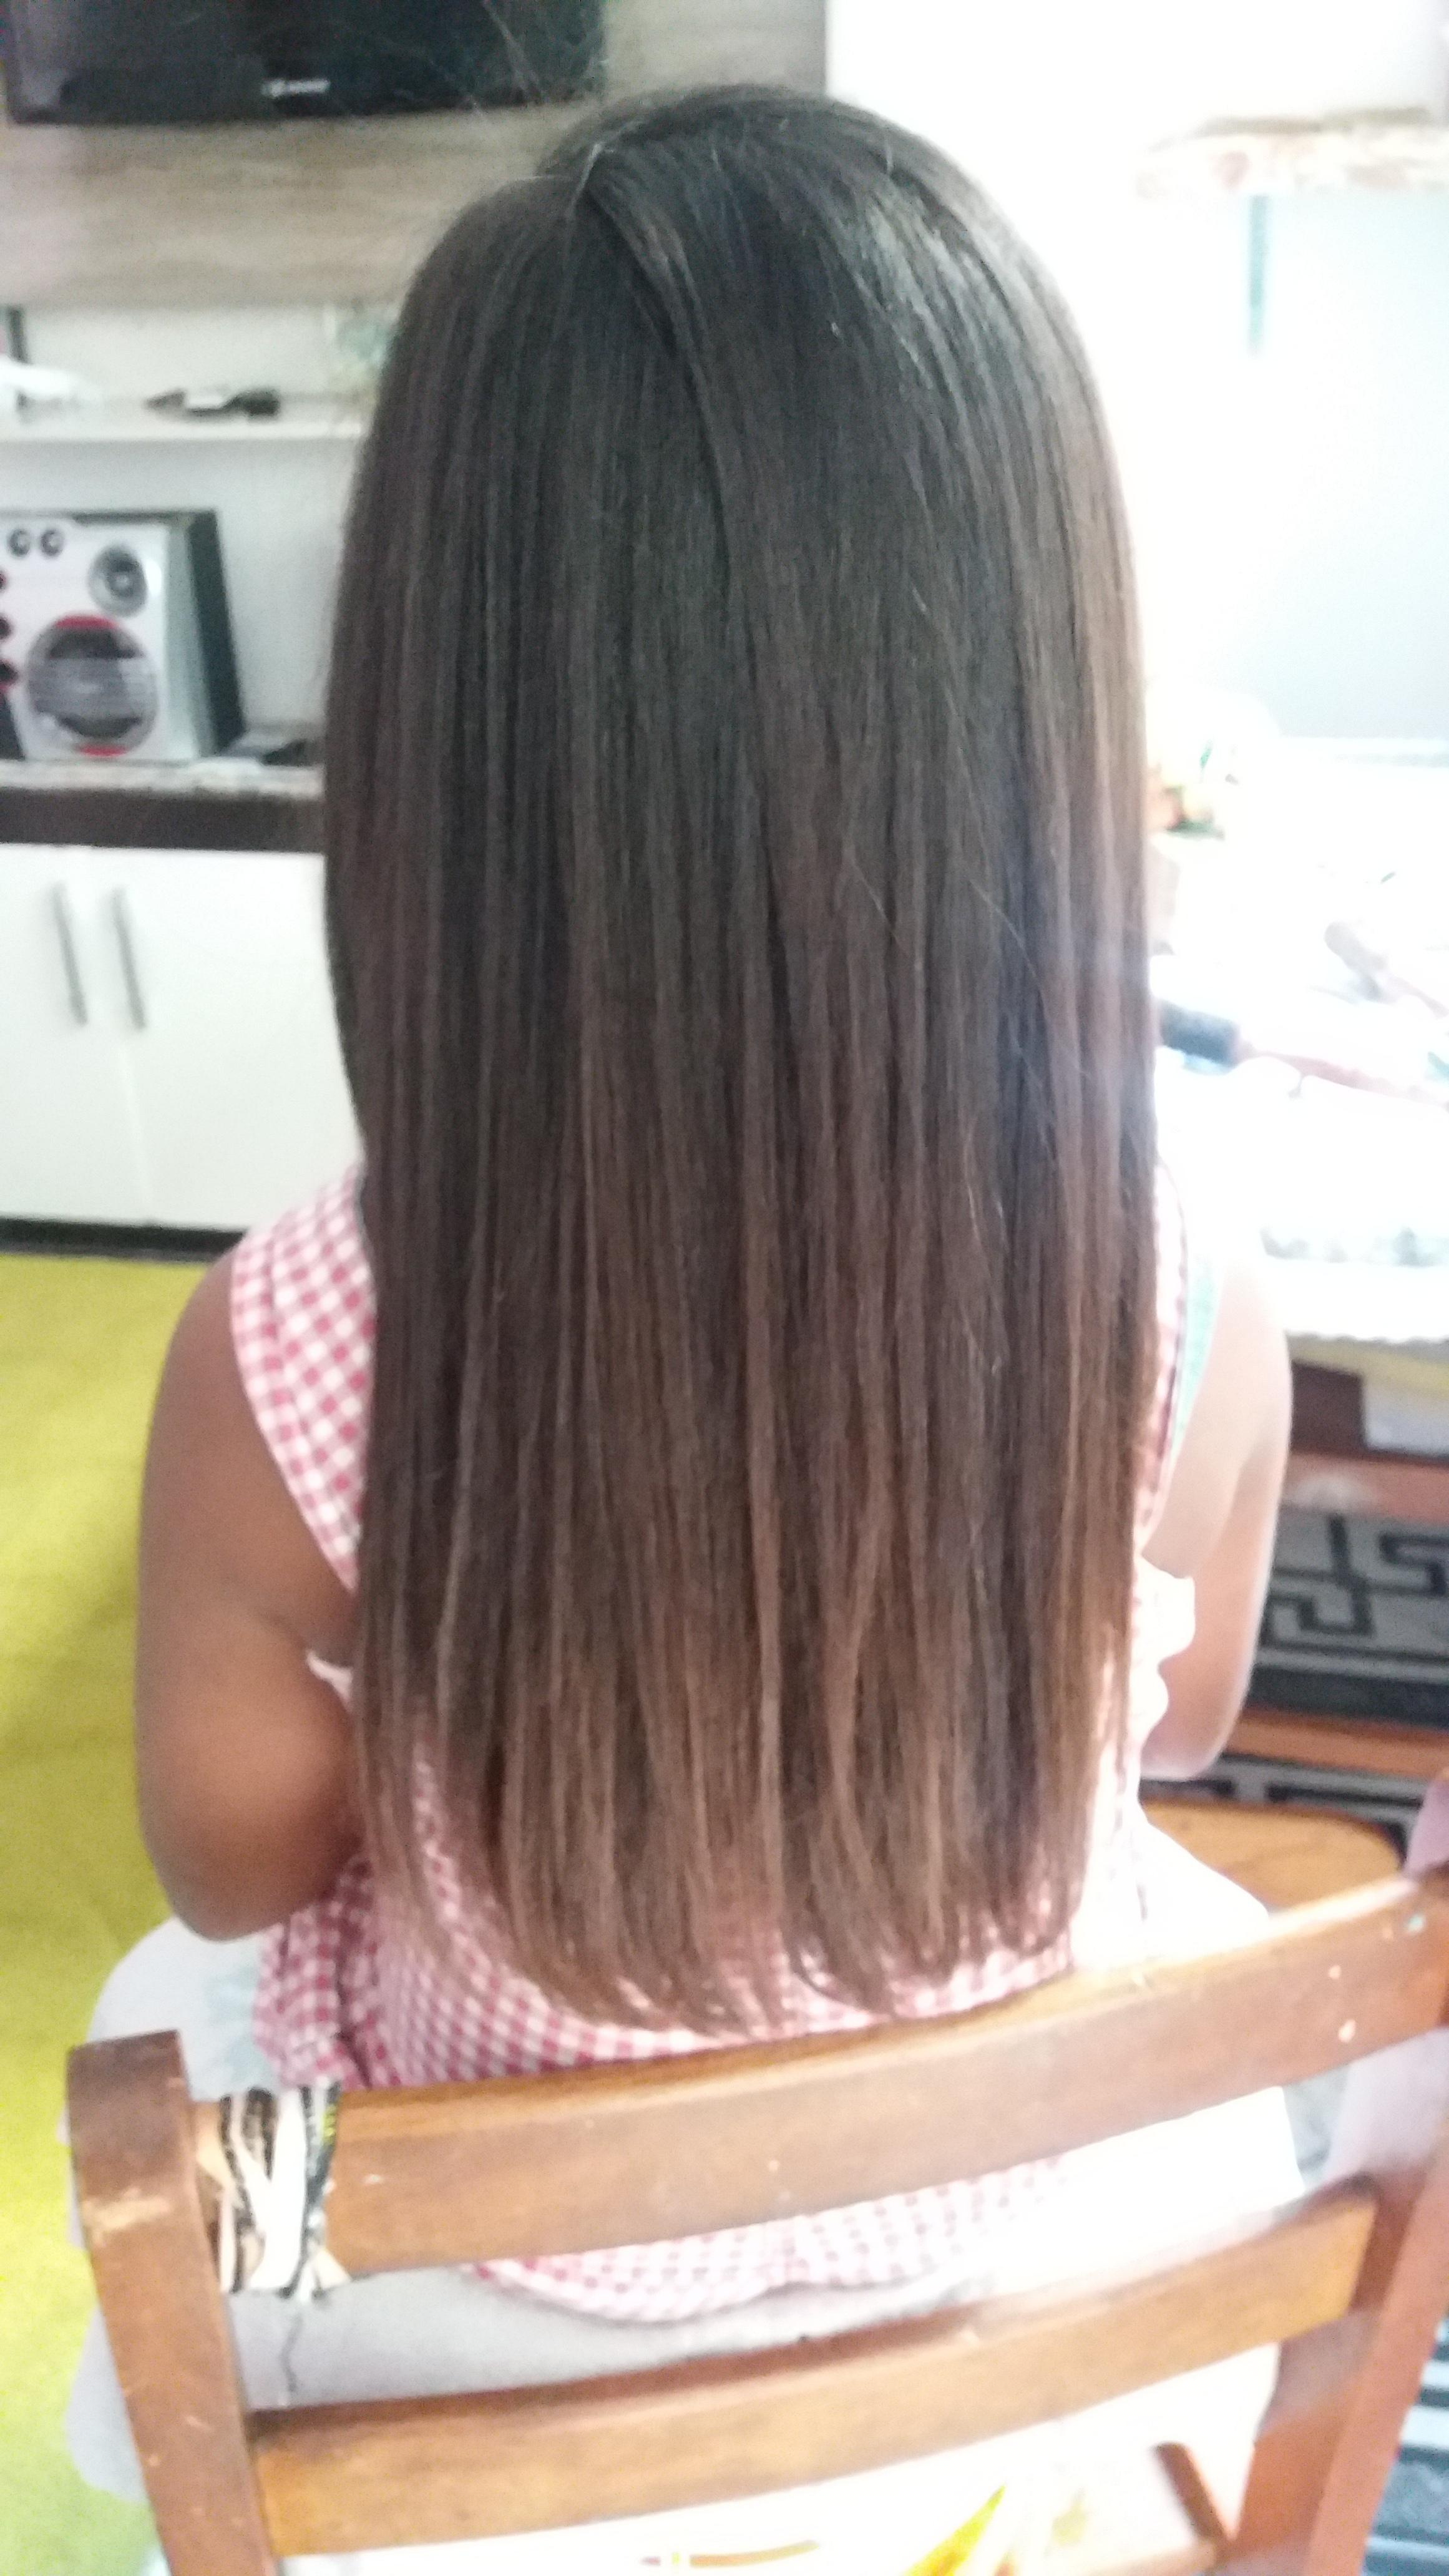 Olha eu sou uma pessoa bem cuidadosa gosto de coisas profissional gosto de tudo perfeito cabelo auxiliar cabeleireiro(a)